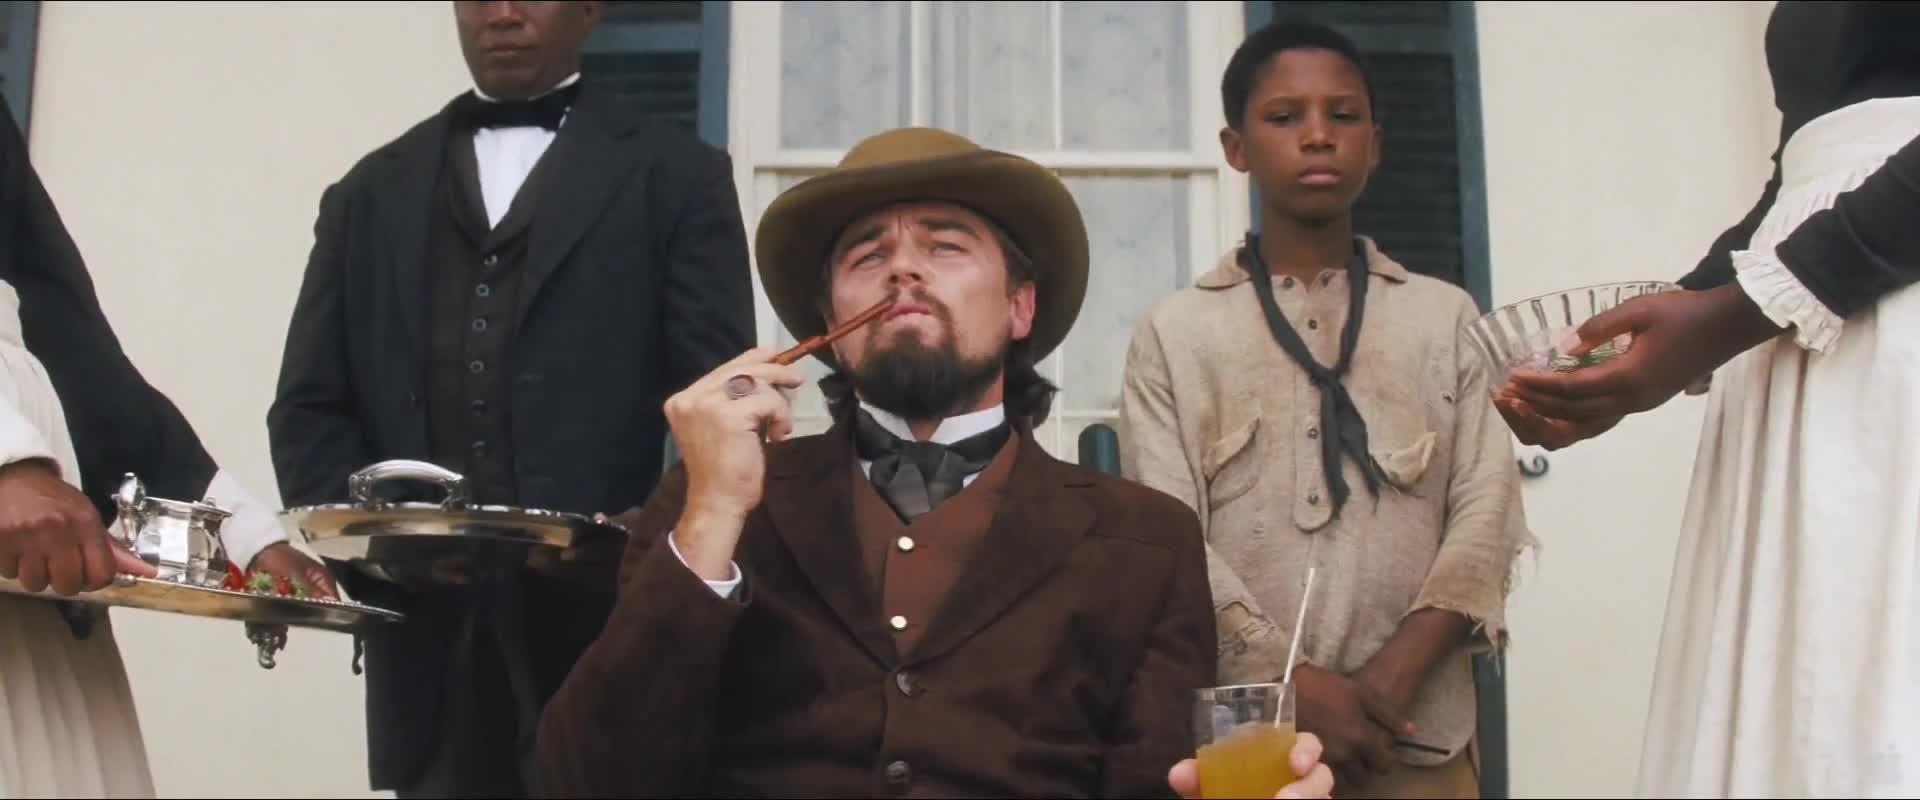 Хозяин рабыня смотреть онлайн 3 фотография